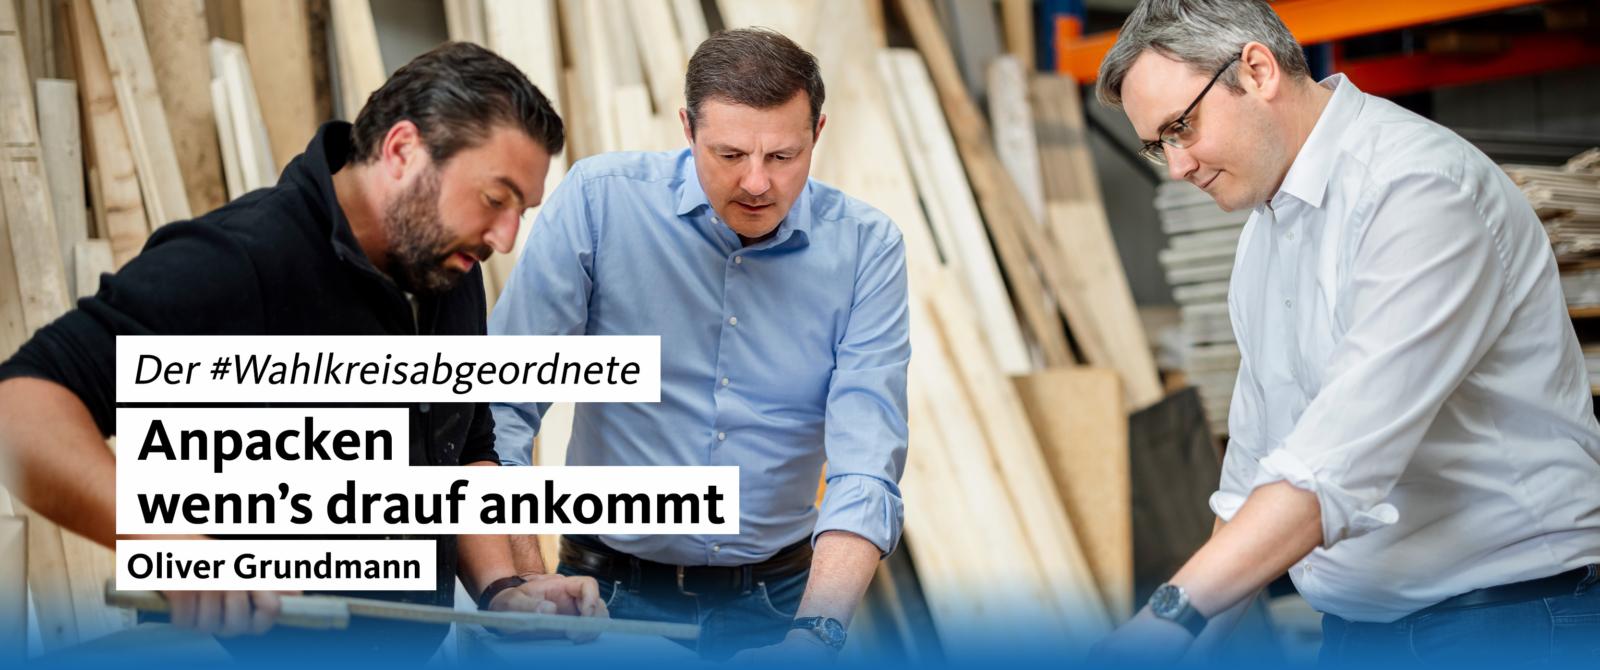 bundestagswahl-2021-stade-rotenburg-bremervoerde-oliver-grundmann-cdu-wahlkreisabgeordnete_1